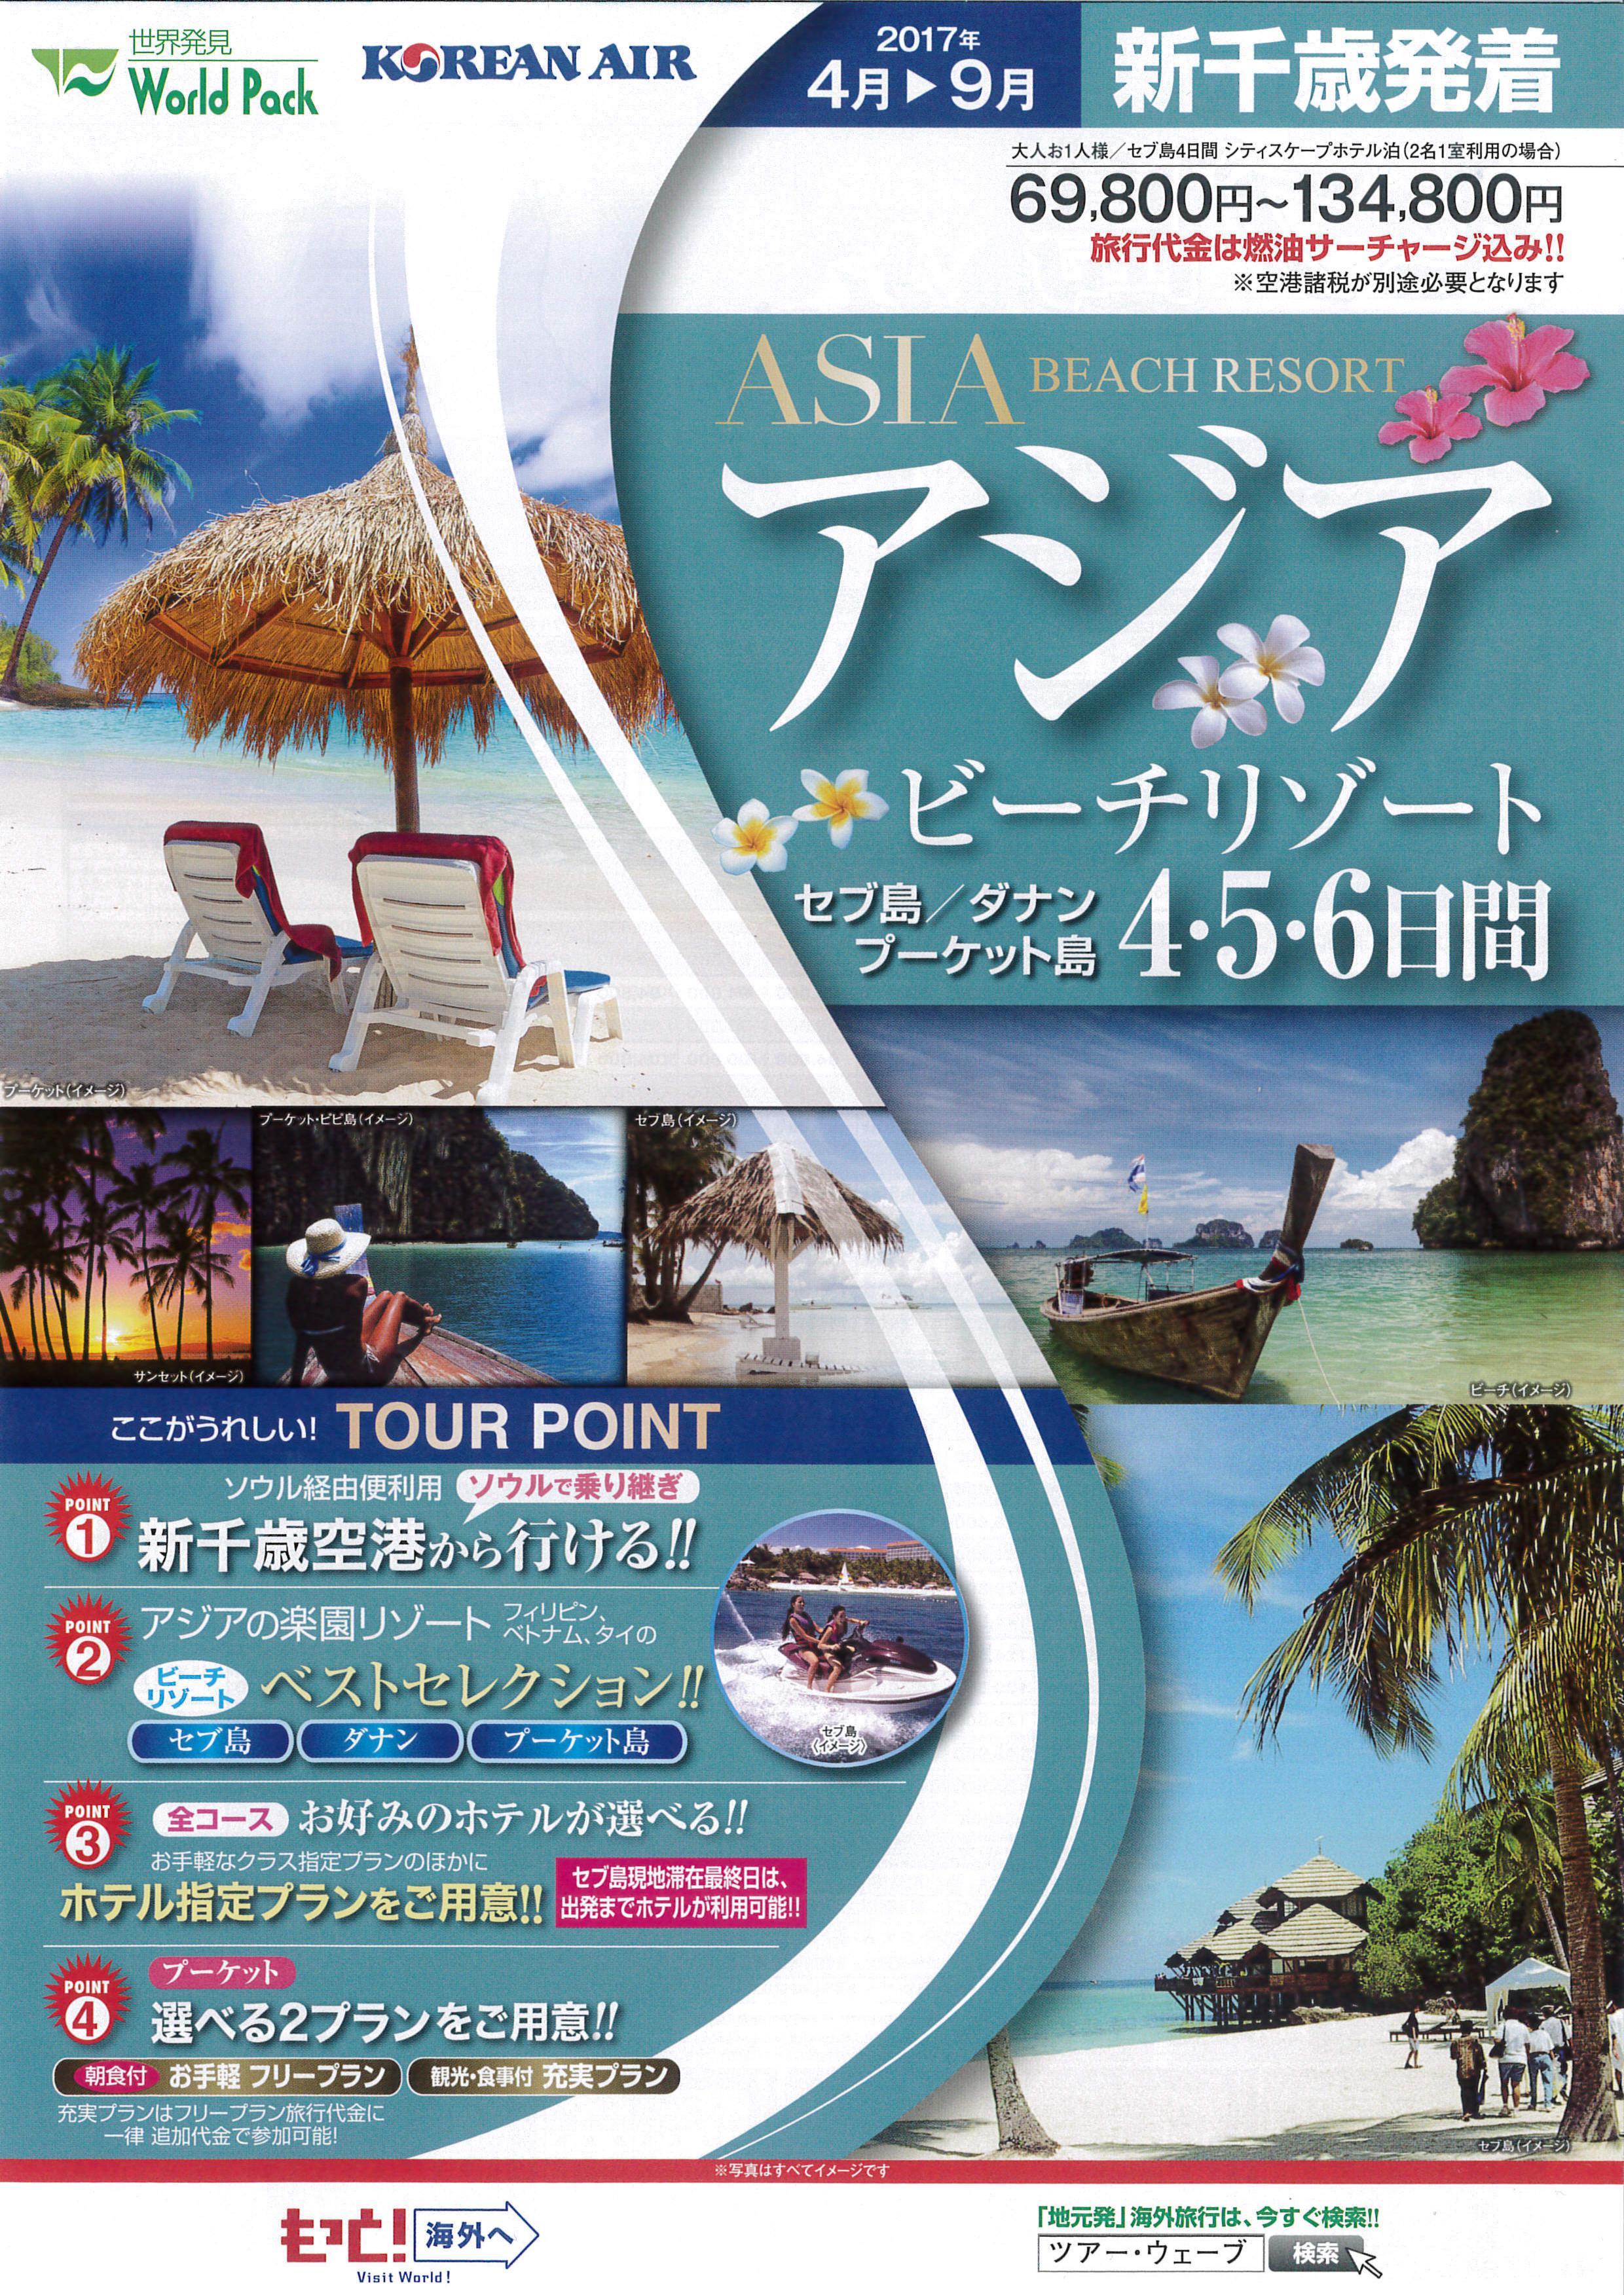 アジア ビーチリゾート1